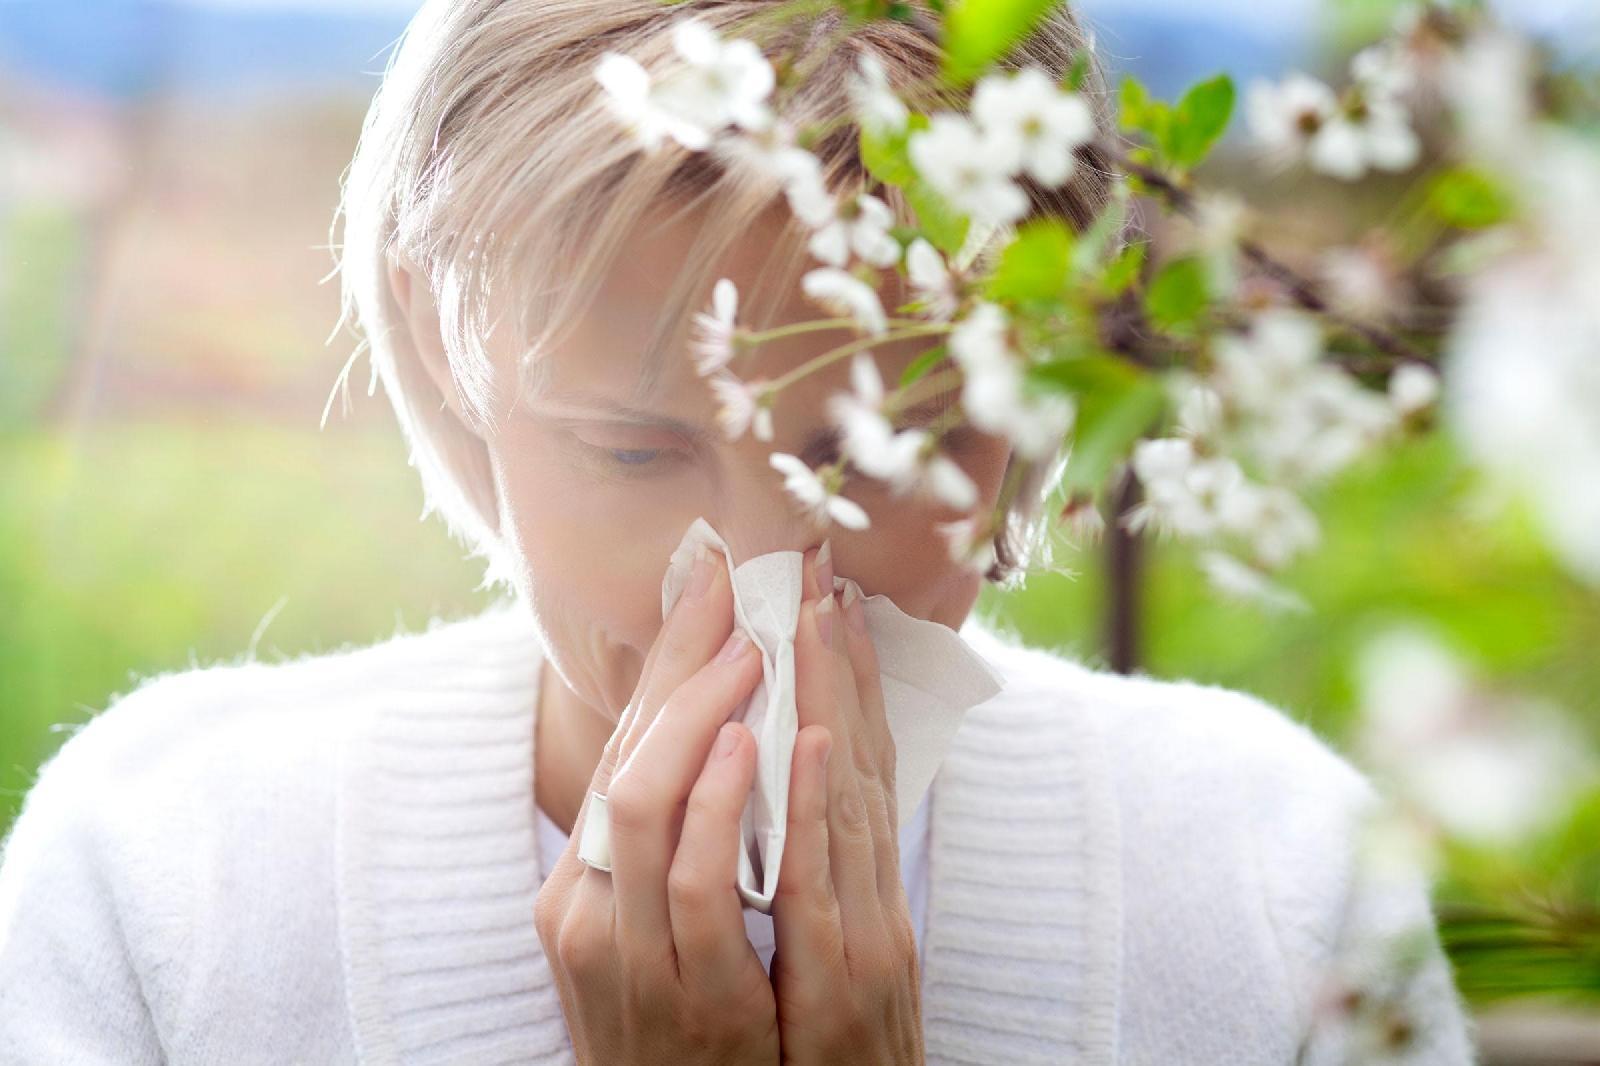 Allergia Rimedi Della Nonna primavera, allergie da pollini: sintomi, diagnosi e cura